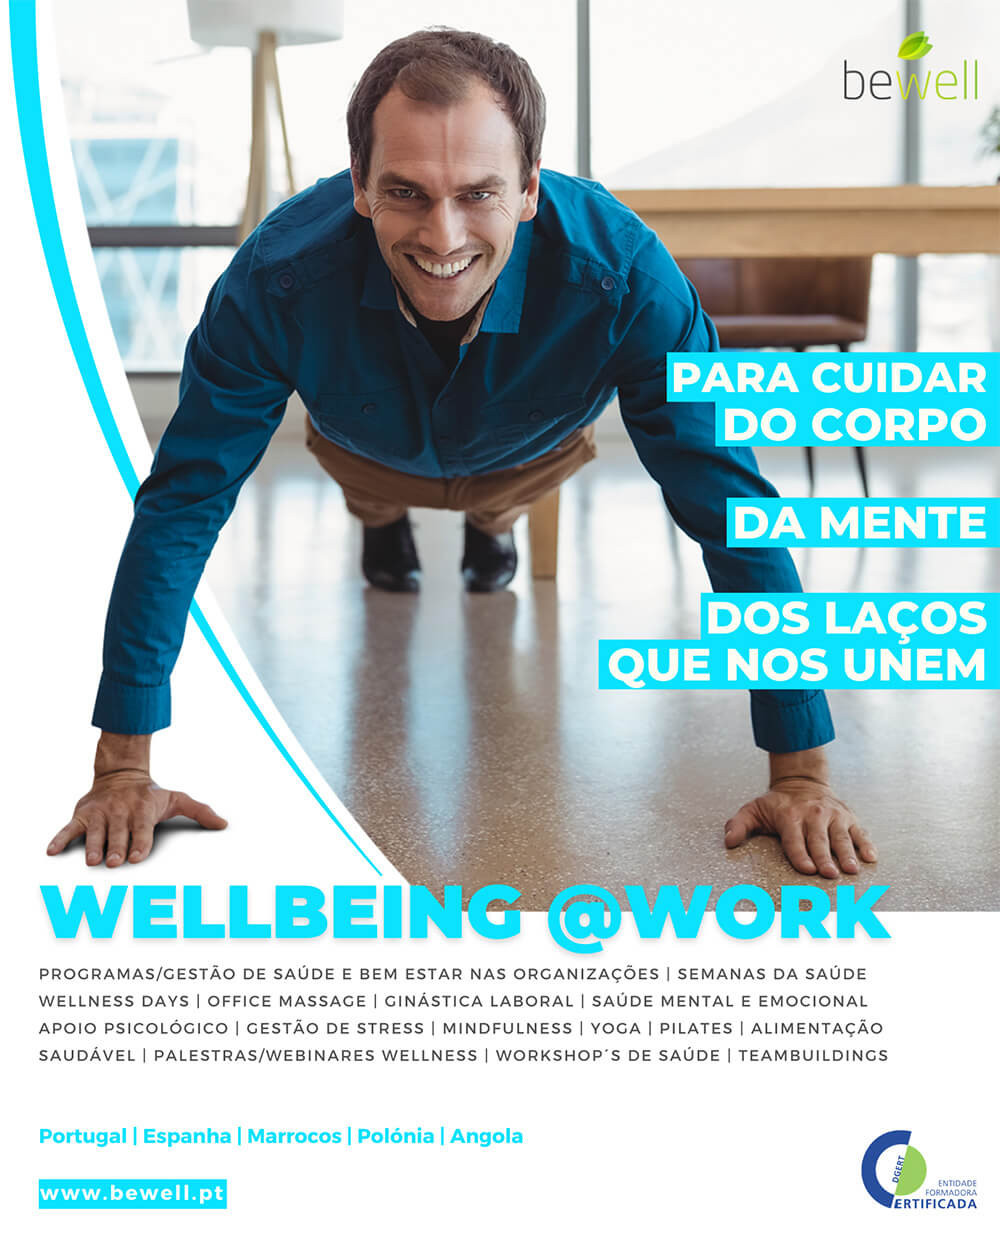 Wellbeing @ Work